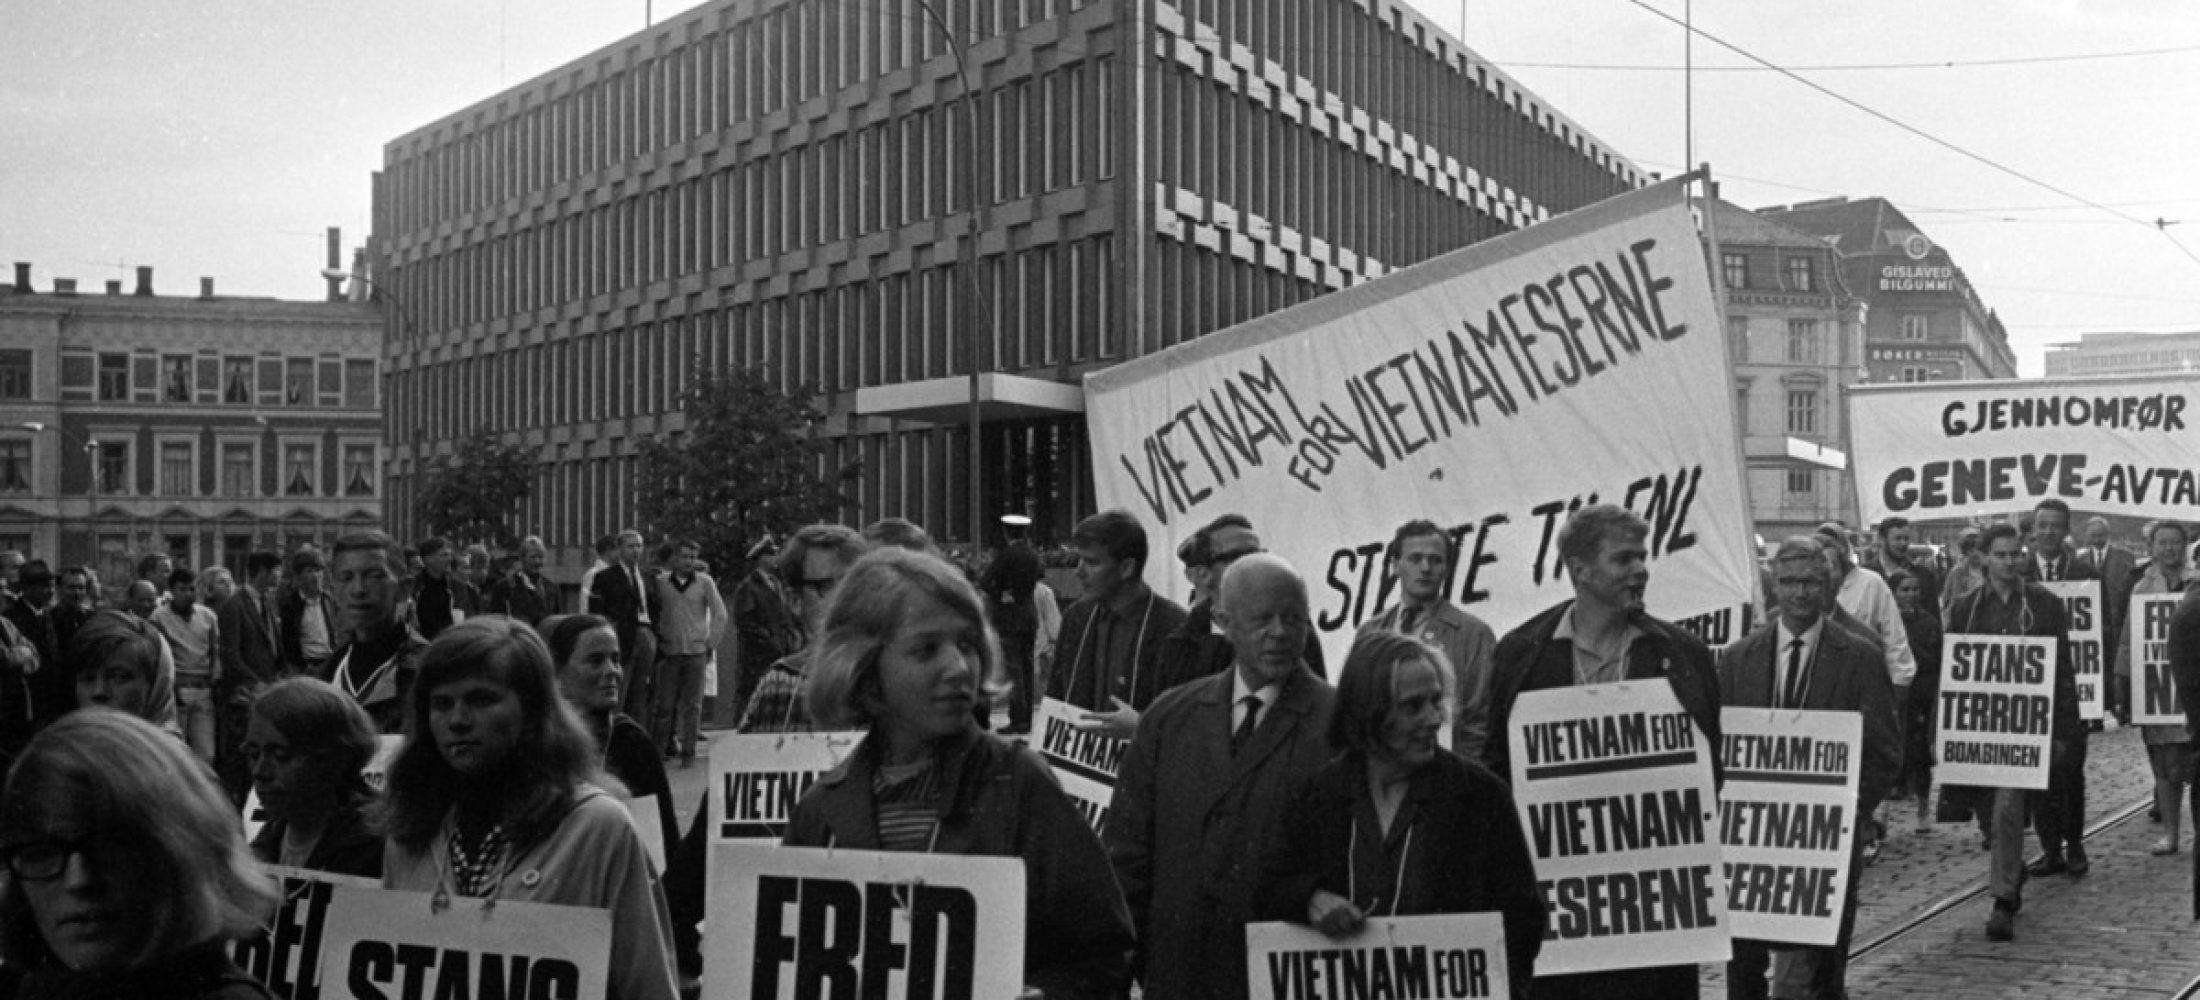 OSLO 19670704 Demonstrasjon mot USAs krigføring i Vietnam arrangert av Den norske solidaritetskomiteen for Vietnam. Her passerer demonstrasjontoget den amerikanske ambassaden på Drammensveien. Plakater med slagordene Stans Terrorbombingen og Fred i Vietnam nå og Vietnam for vietnamesere.  Foto: NTB / Scanpix